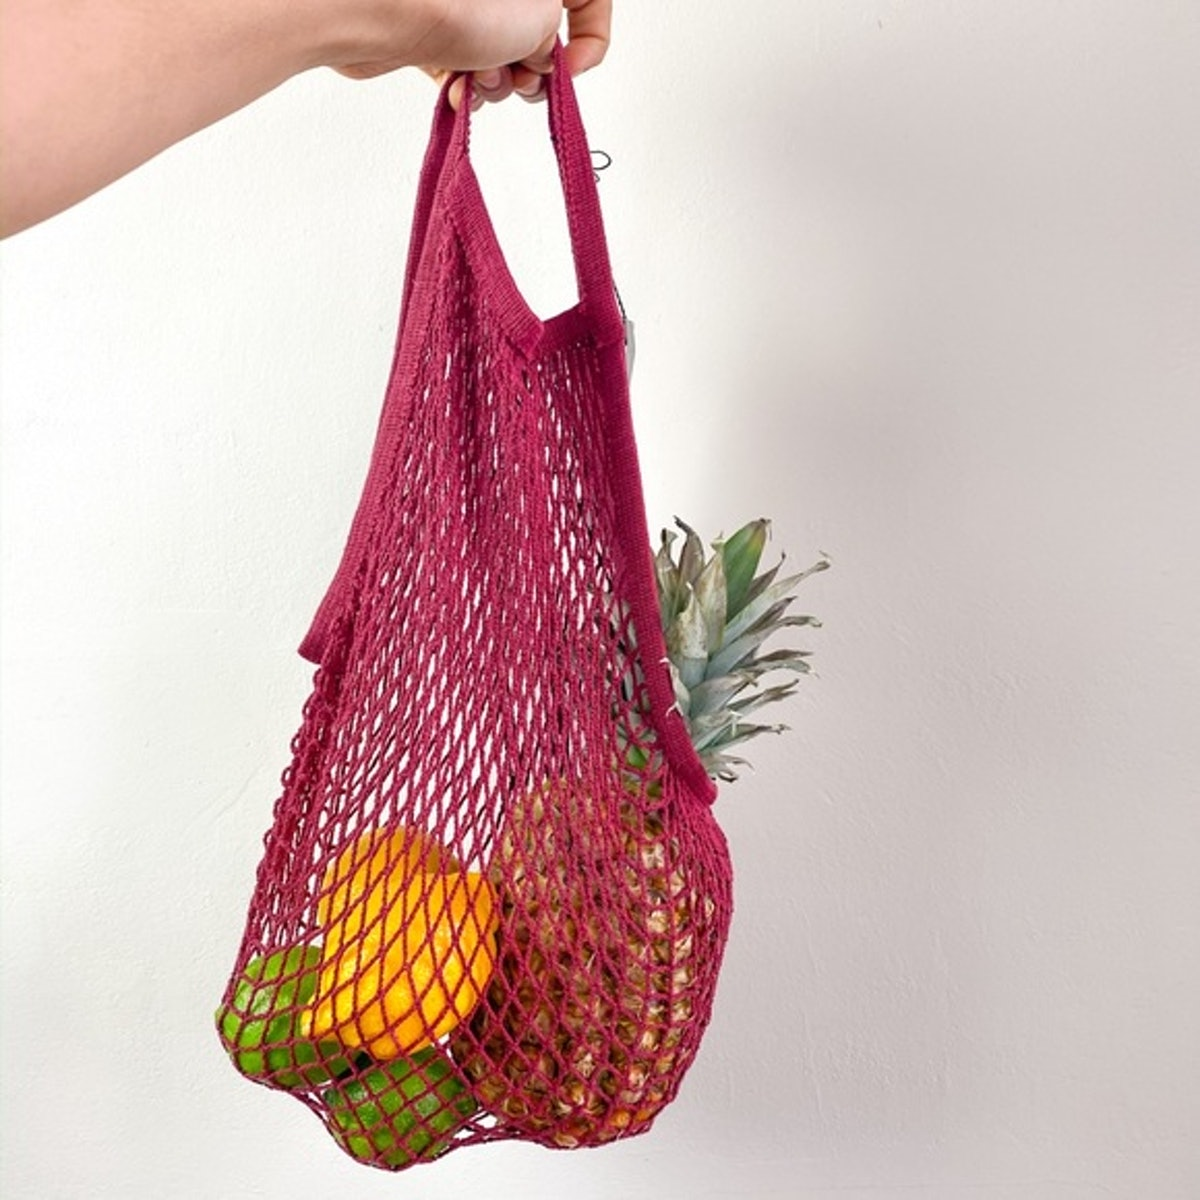 Eco Reusable String Tote Woven Net Bag